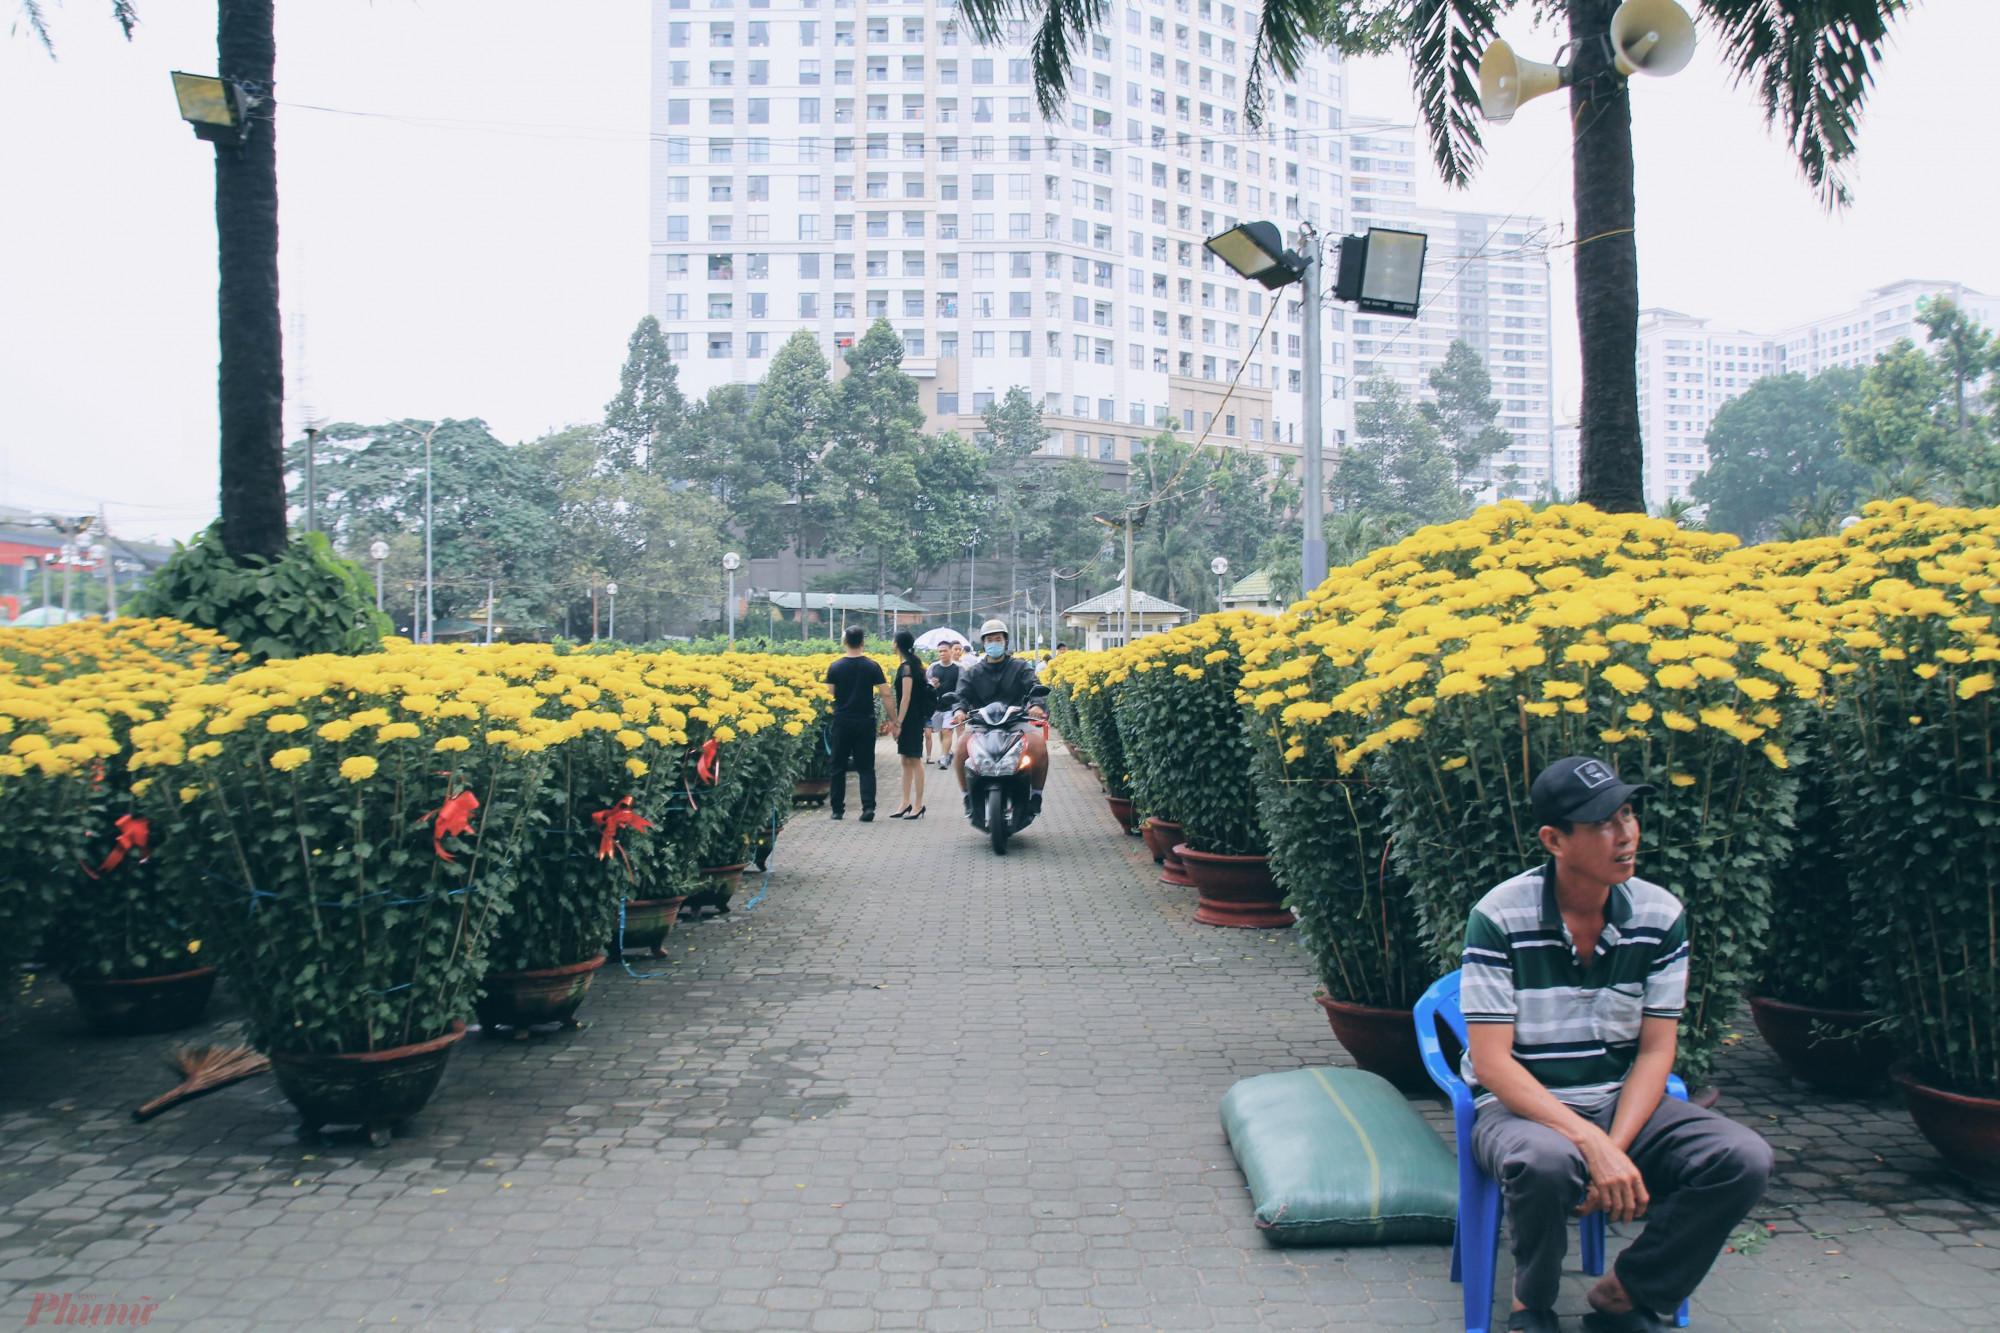 công viên Gia Định (quận Gò Vấp) hoa tết được vận chuyển bắt đầu từ 17 âm lịch và theo kế hoạch bán của công viên này là đến 12h trưa 30 Tết, tiểu thương phải trả lại mặt bằng cho công viên làm đường hoa.